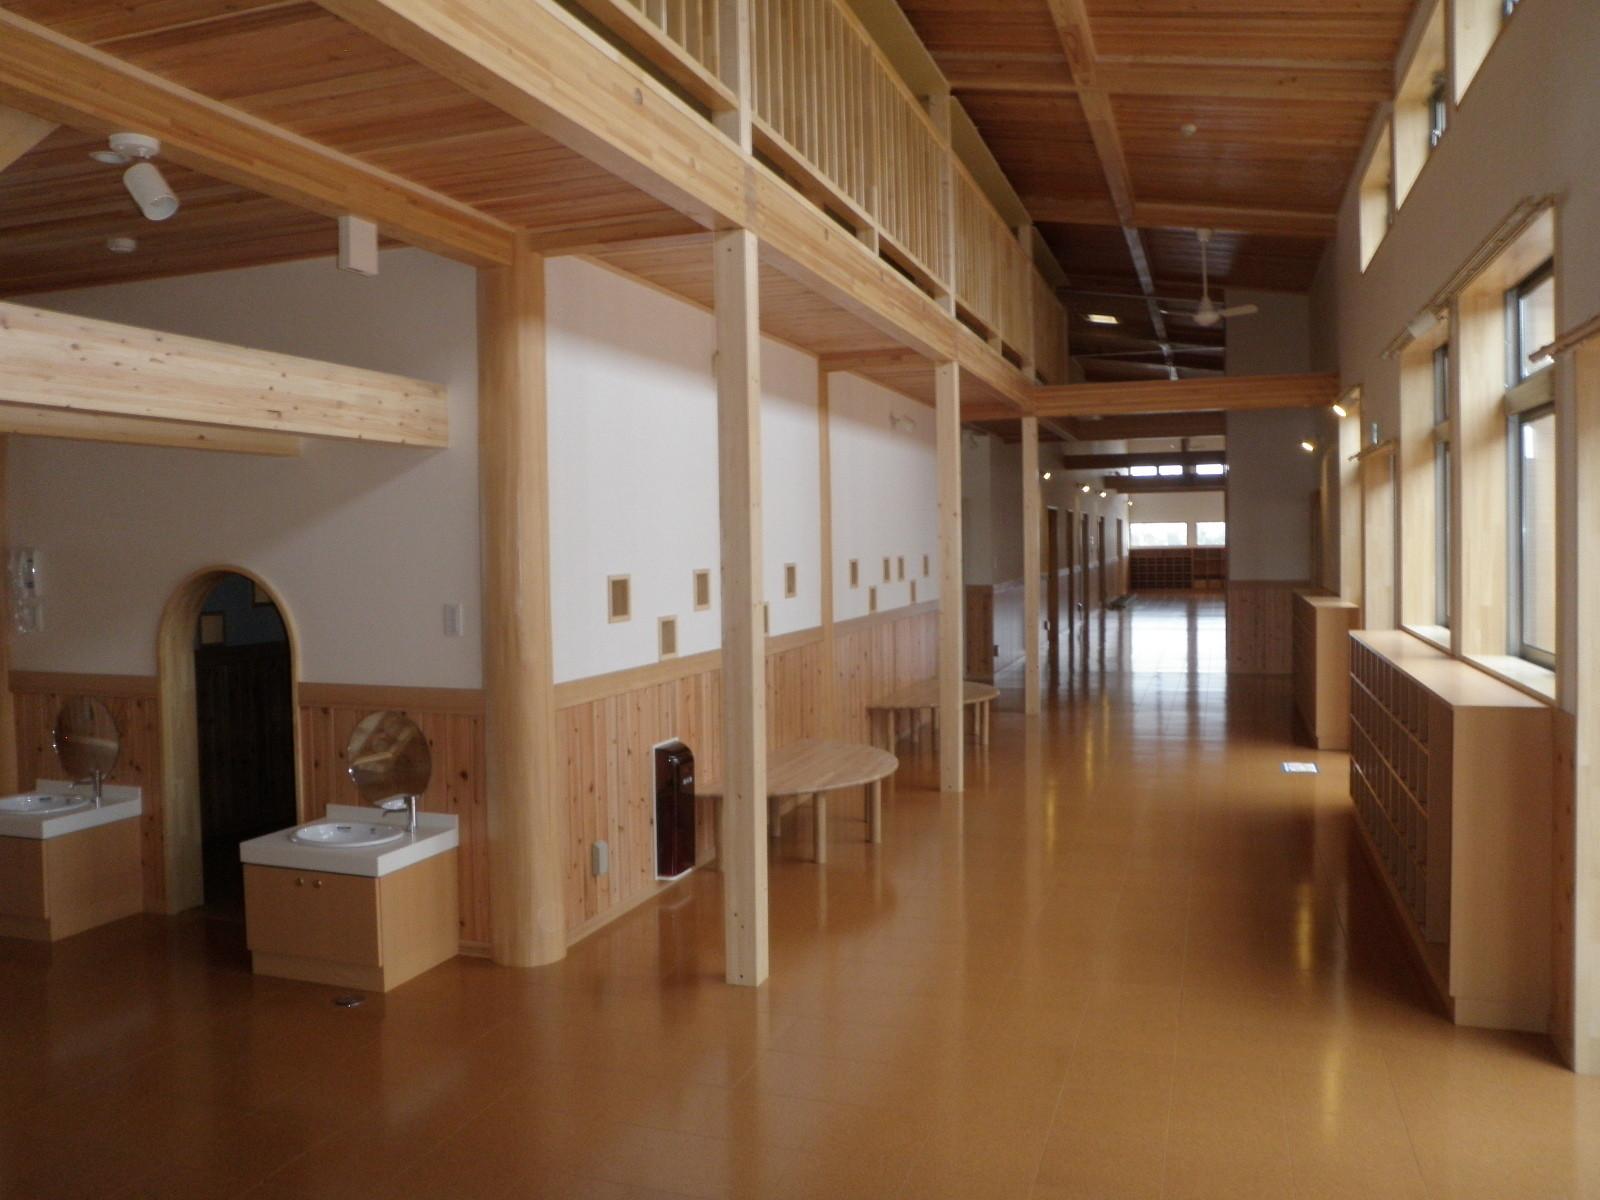 取材もされた、幅約3m、長さ約50mの広い廊下